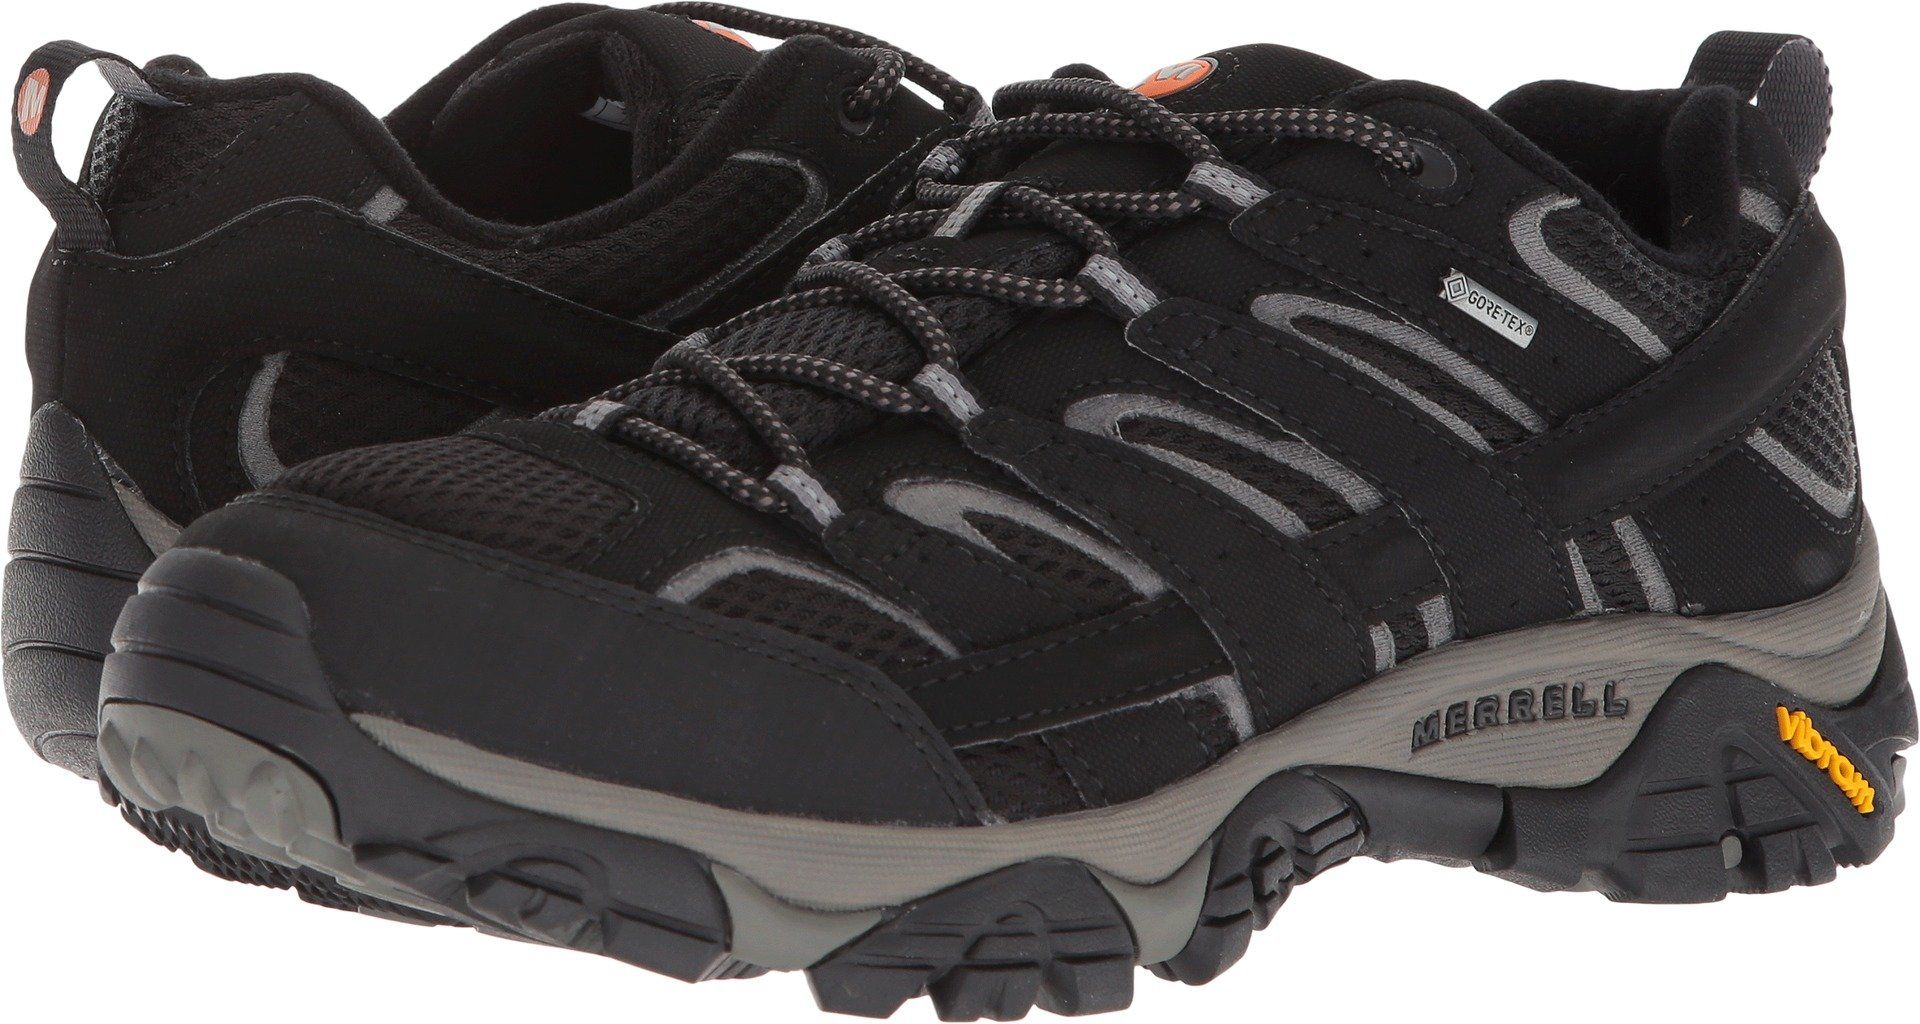 Merrell Men's Moab 2 GTX Hiking Shoe Black 11.5 D(M) US